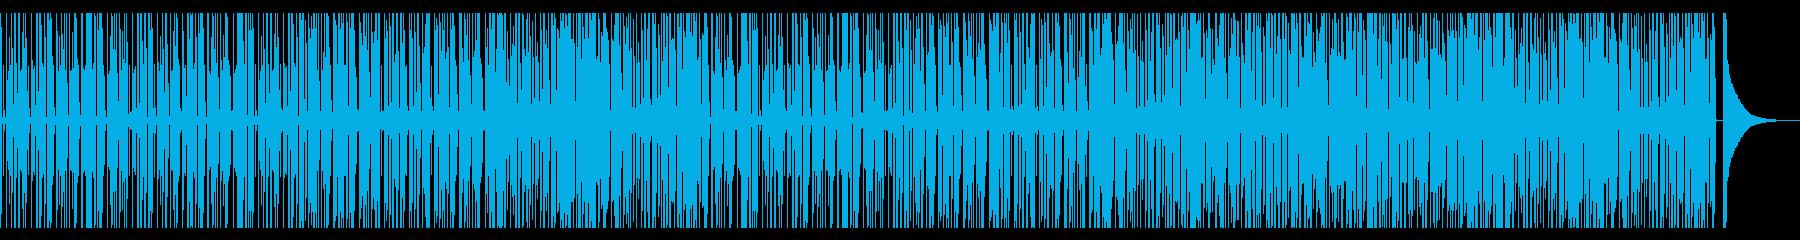 スローテンポのソウルポップ風BGMの再生済みの波形